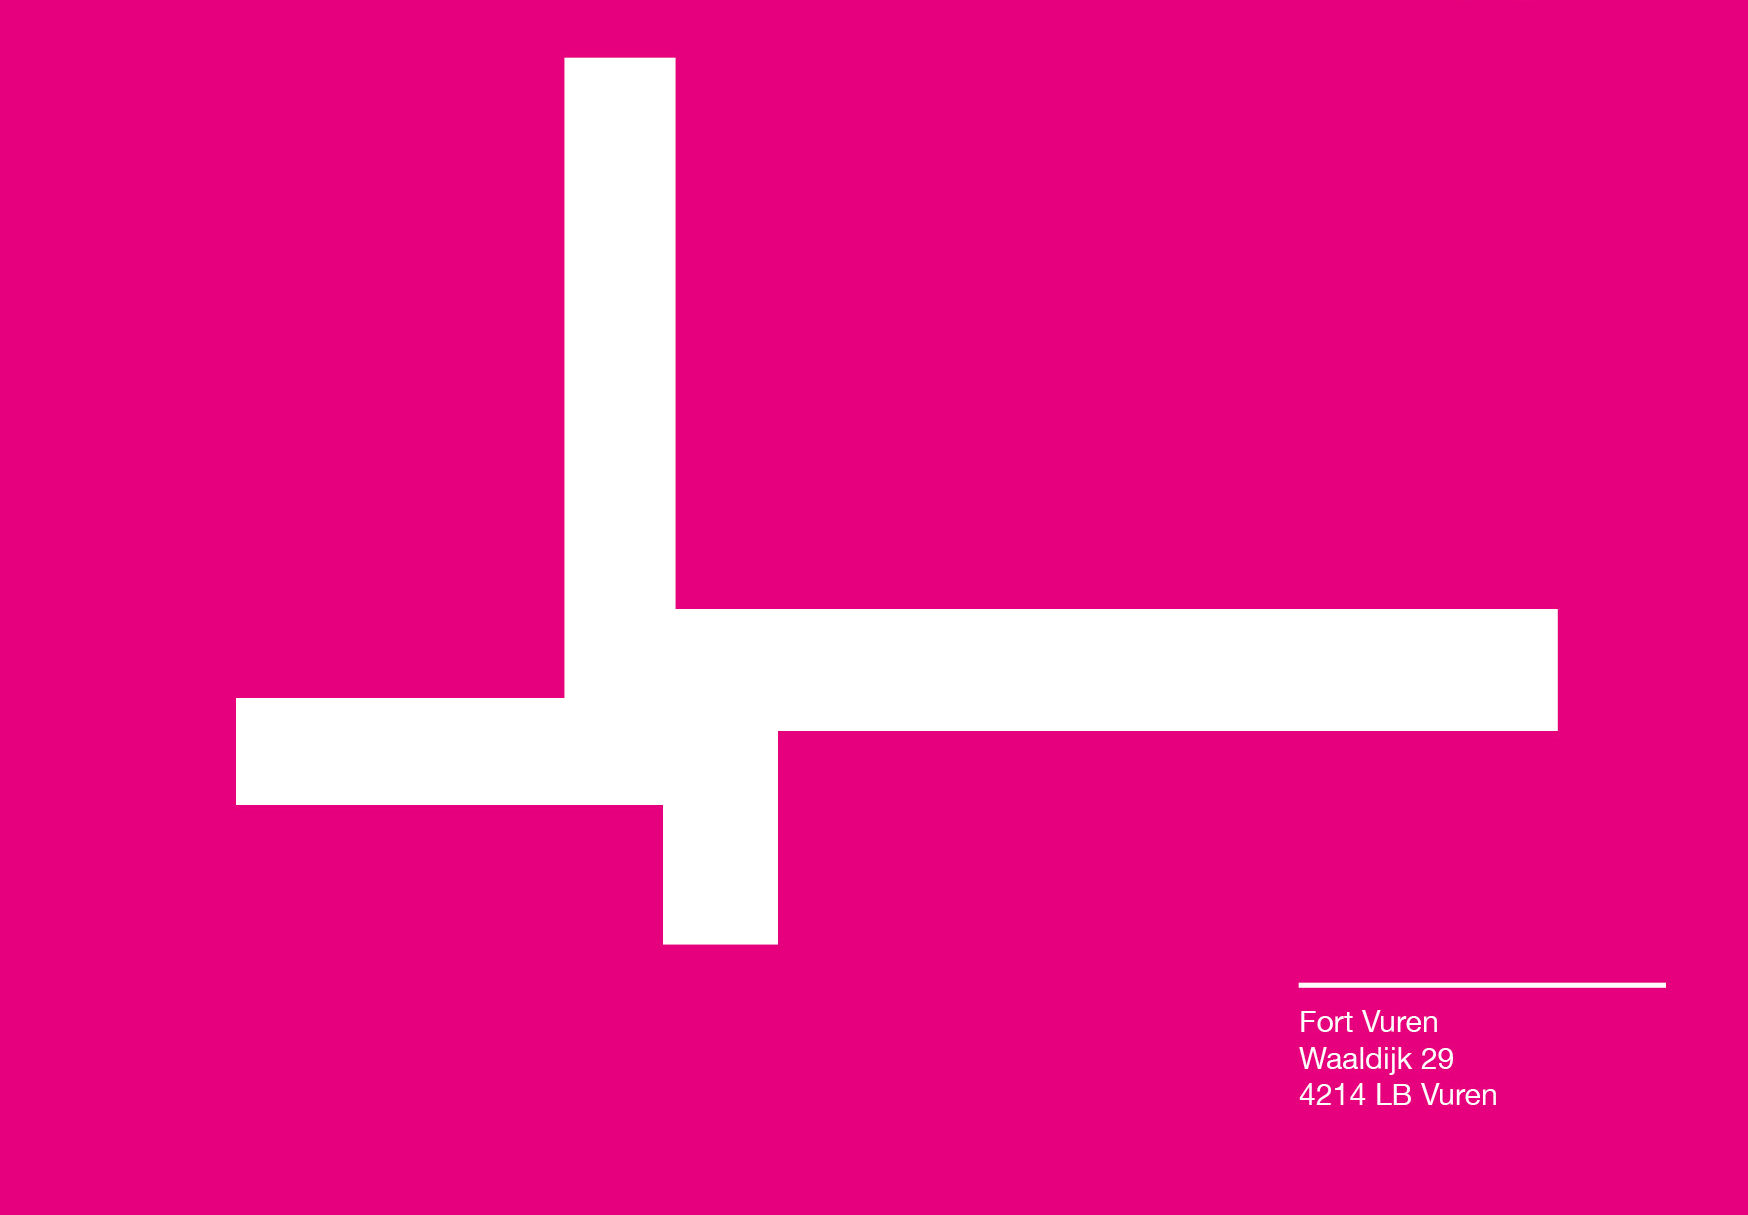 Fort Vuren expositie: Vorm, Verhouding & Beweging